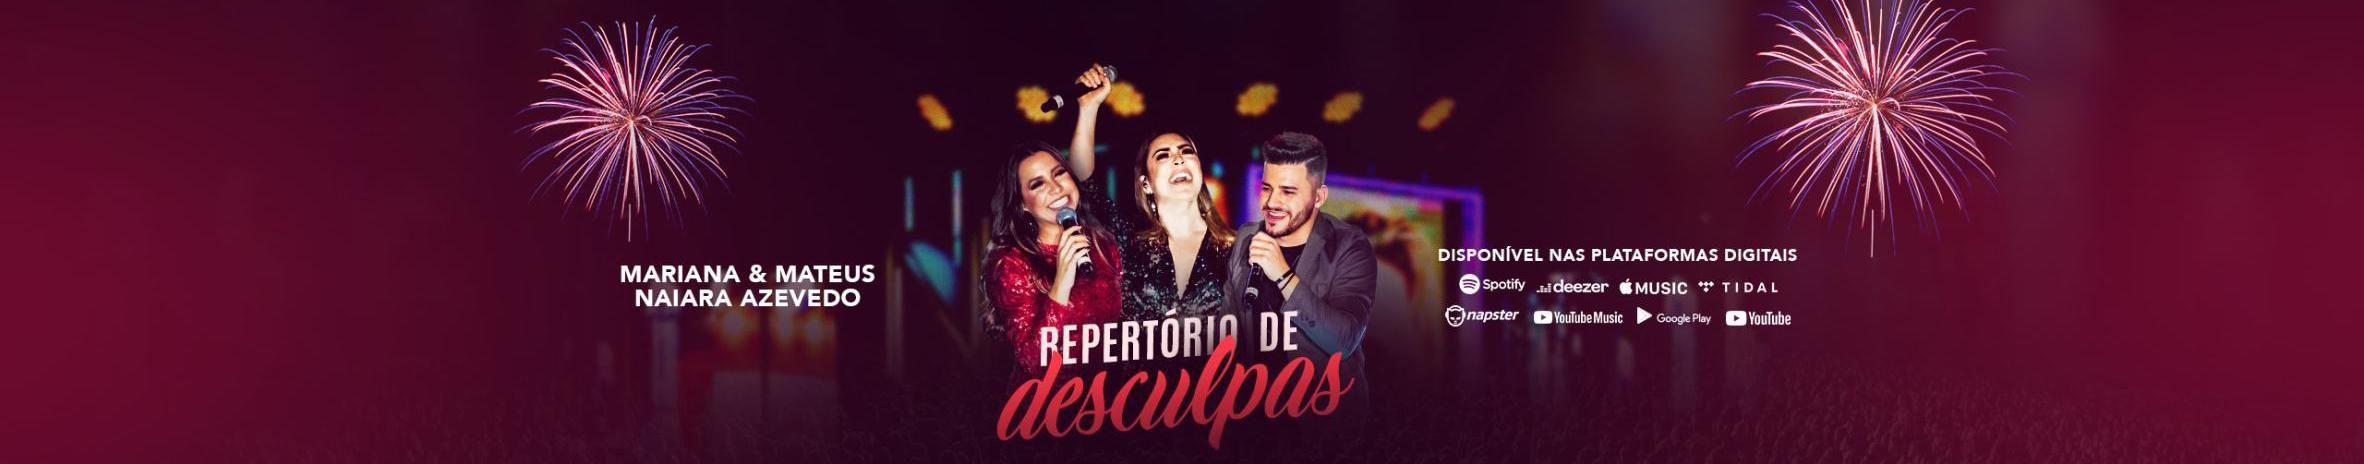 Imagem de capa de Mariana e Mateus